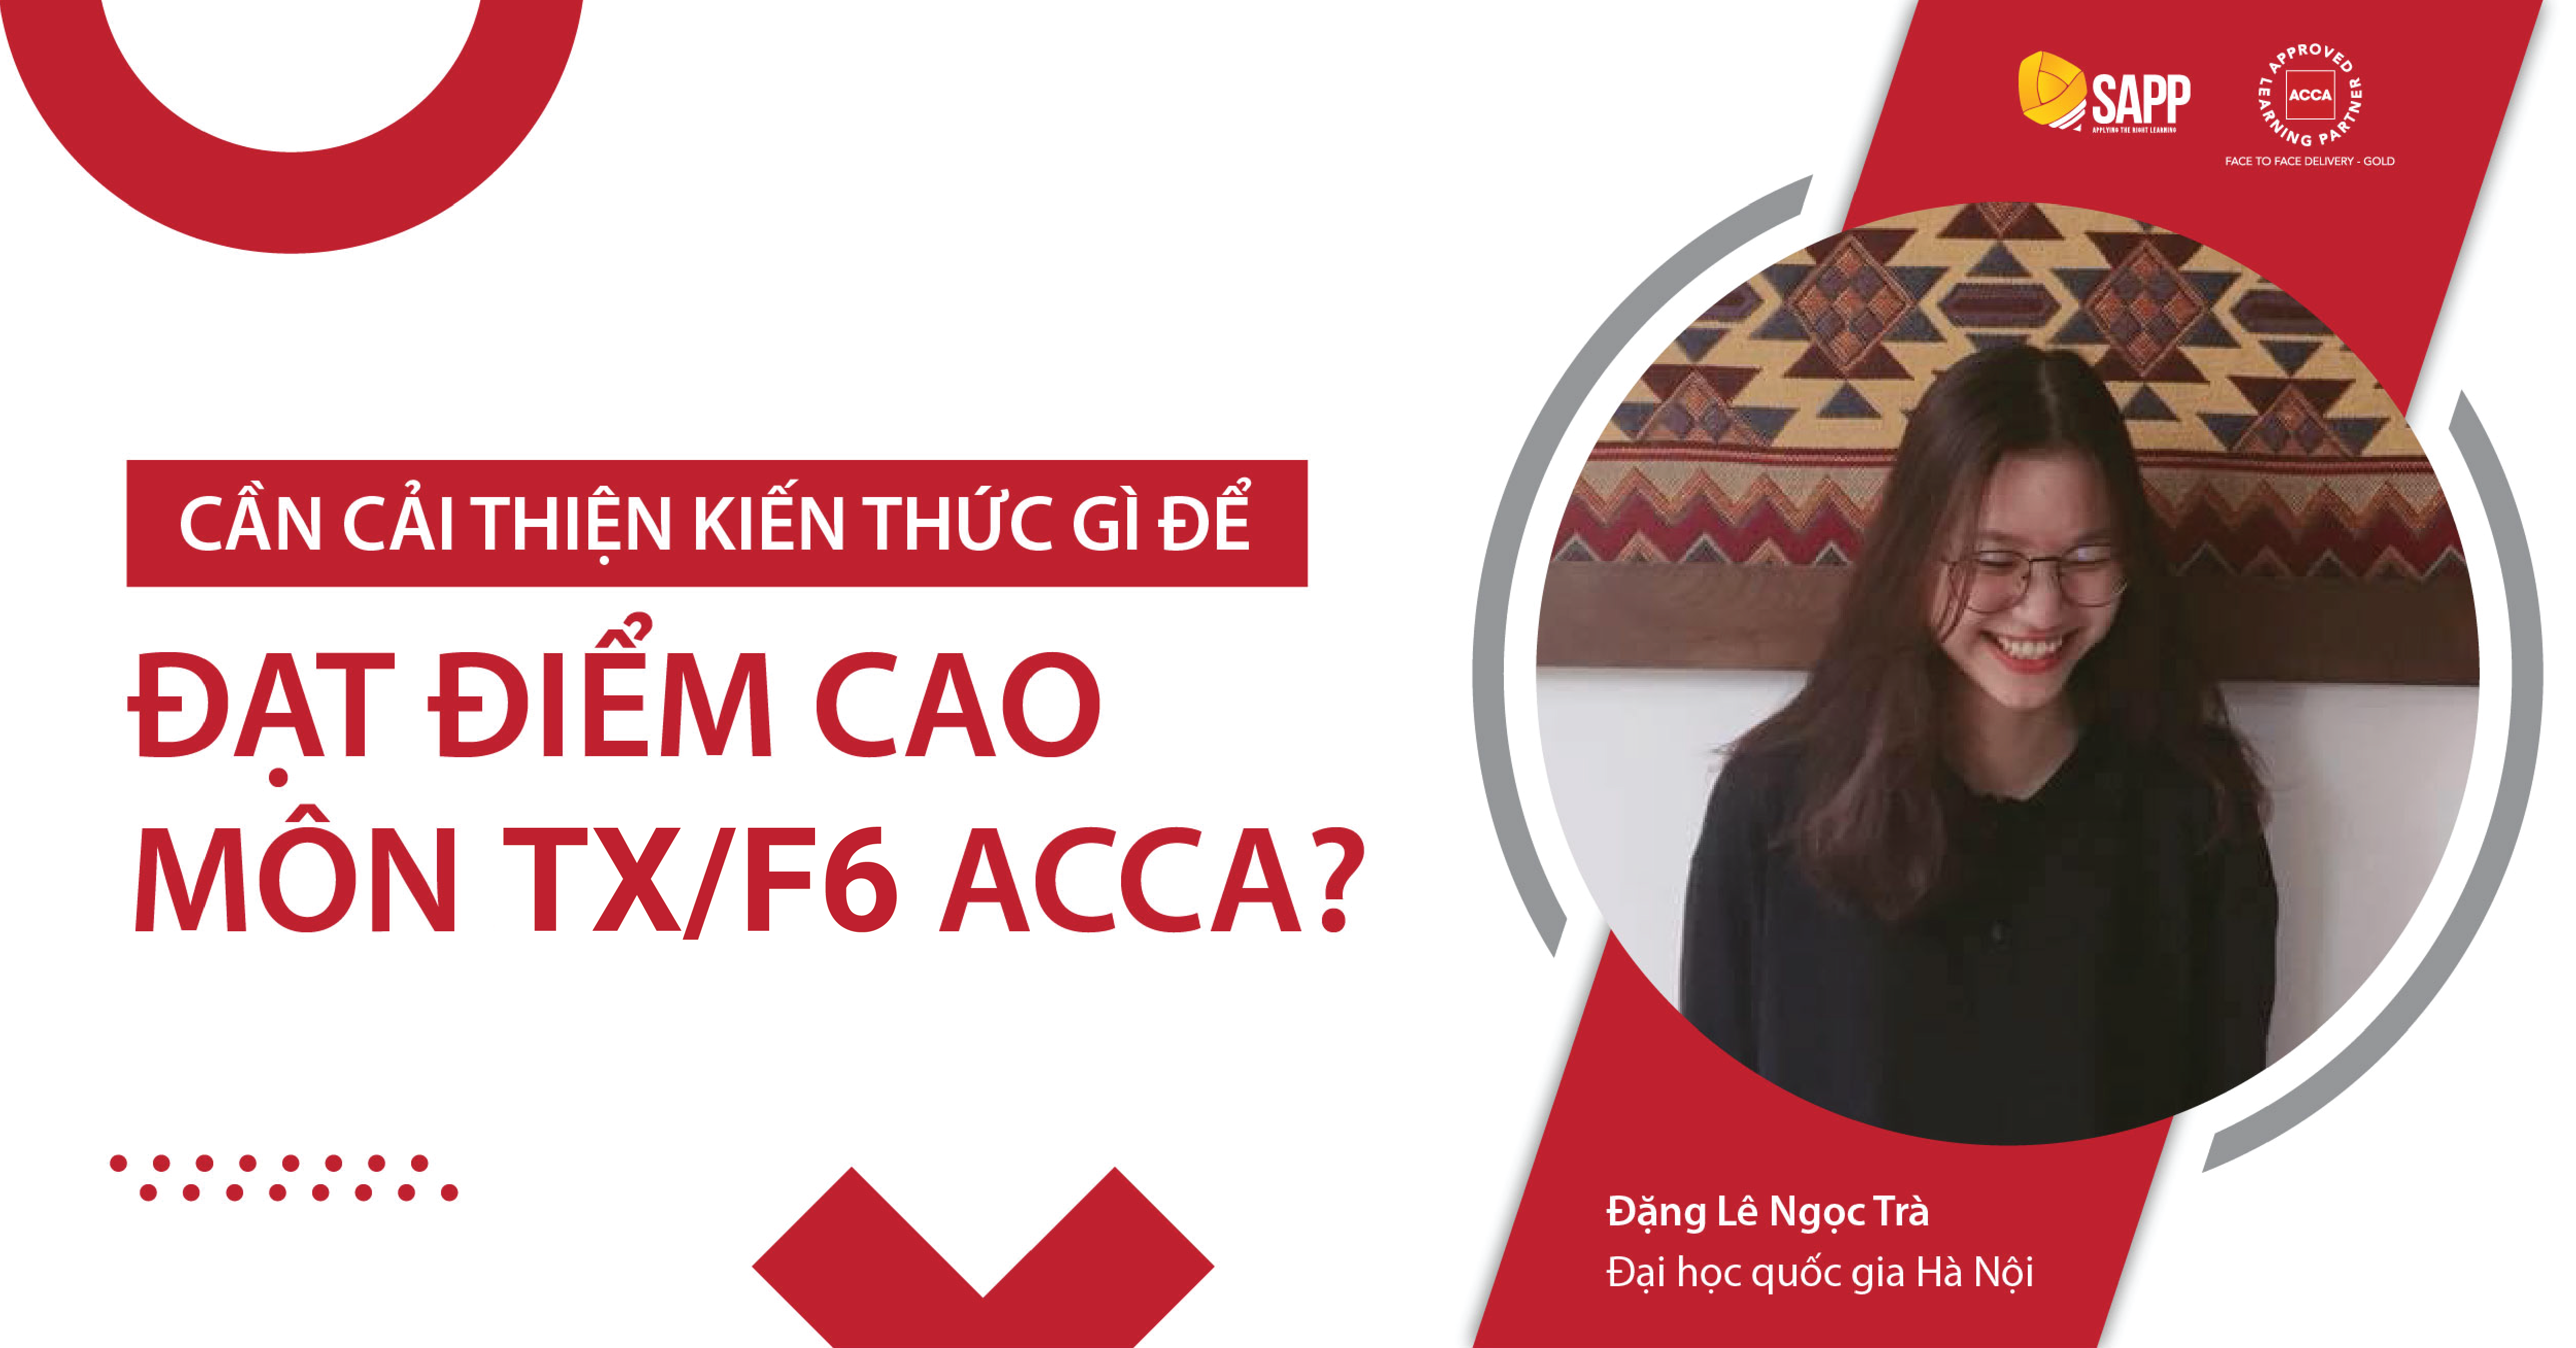 CẦN CẢI THIỆN KIẾN THỨC GÌ ĐỂ ĐẠT ĐIỂM CAO MÔN TX/F6 ACCA - HỌC VIÊN NGỌC TRÀ